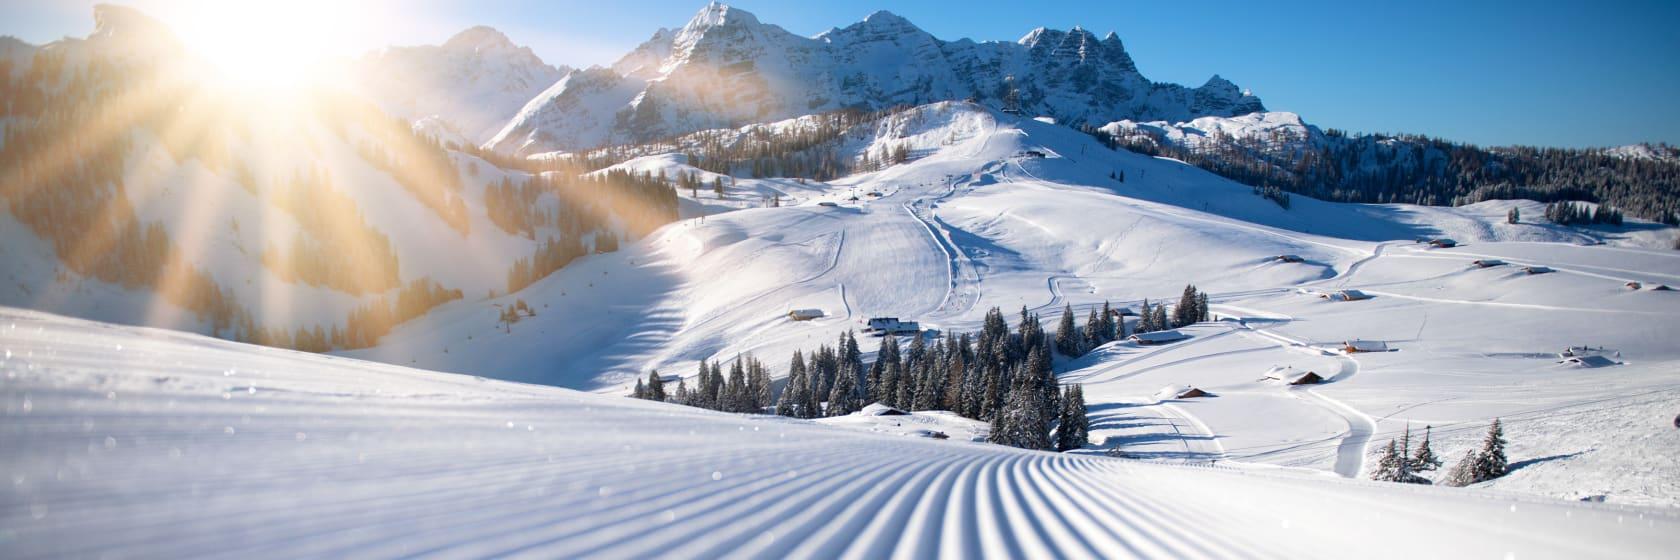 Sne med riller i bjerge med blå himmel og solskin i Østrig